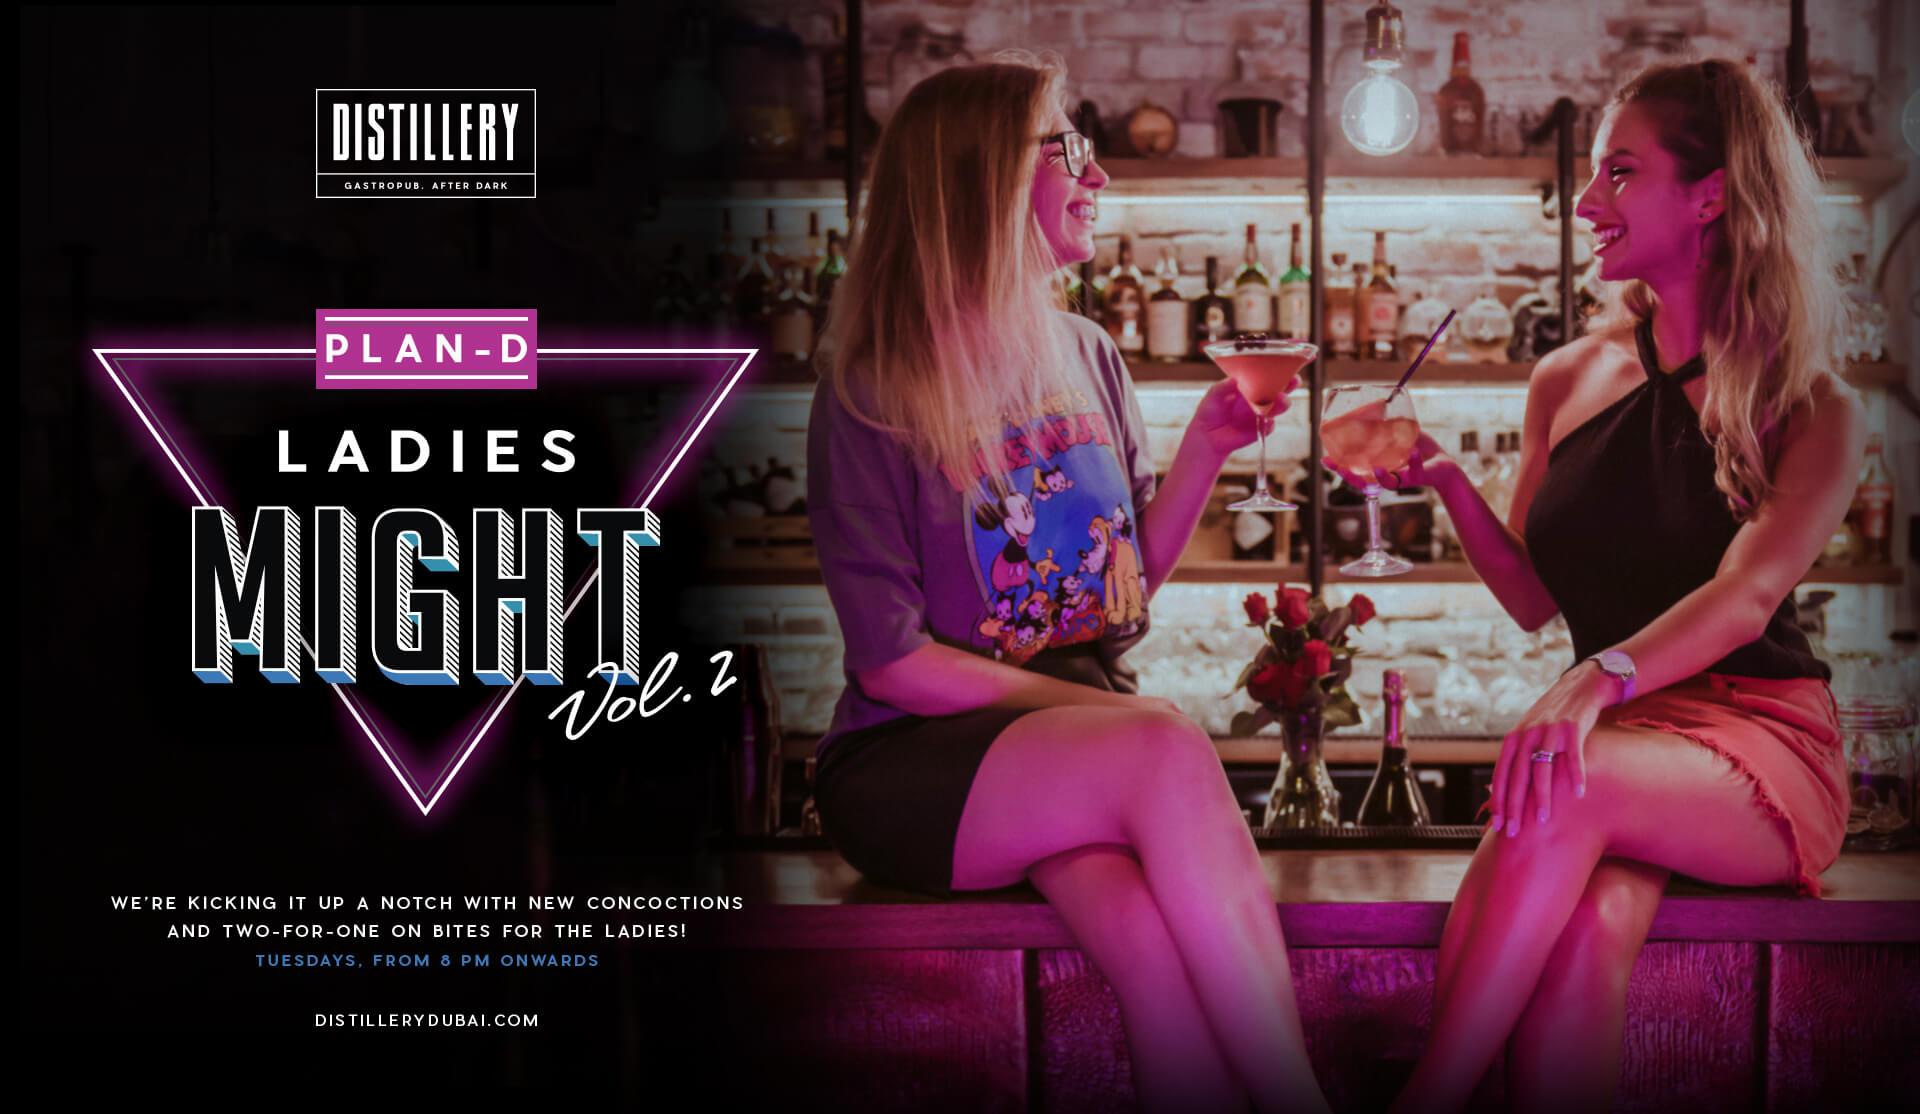 Ladies Night - Distillery Gastropub. After Dark - Banner with text